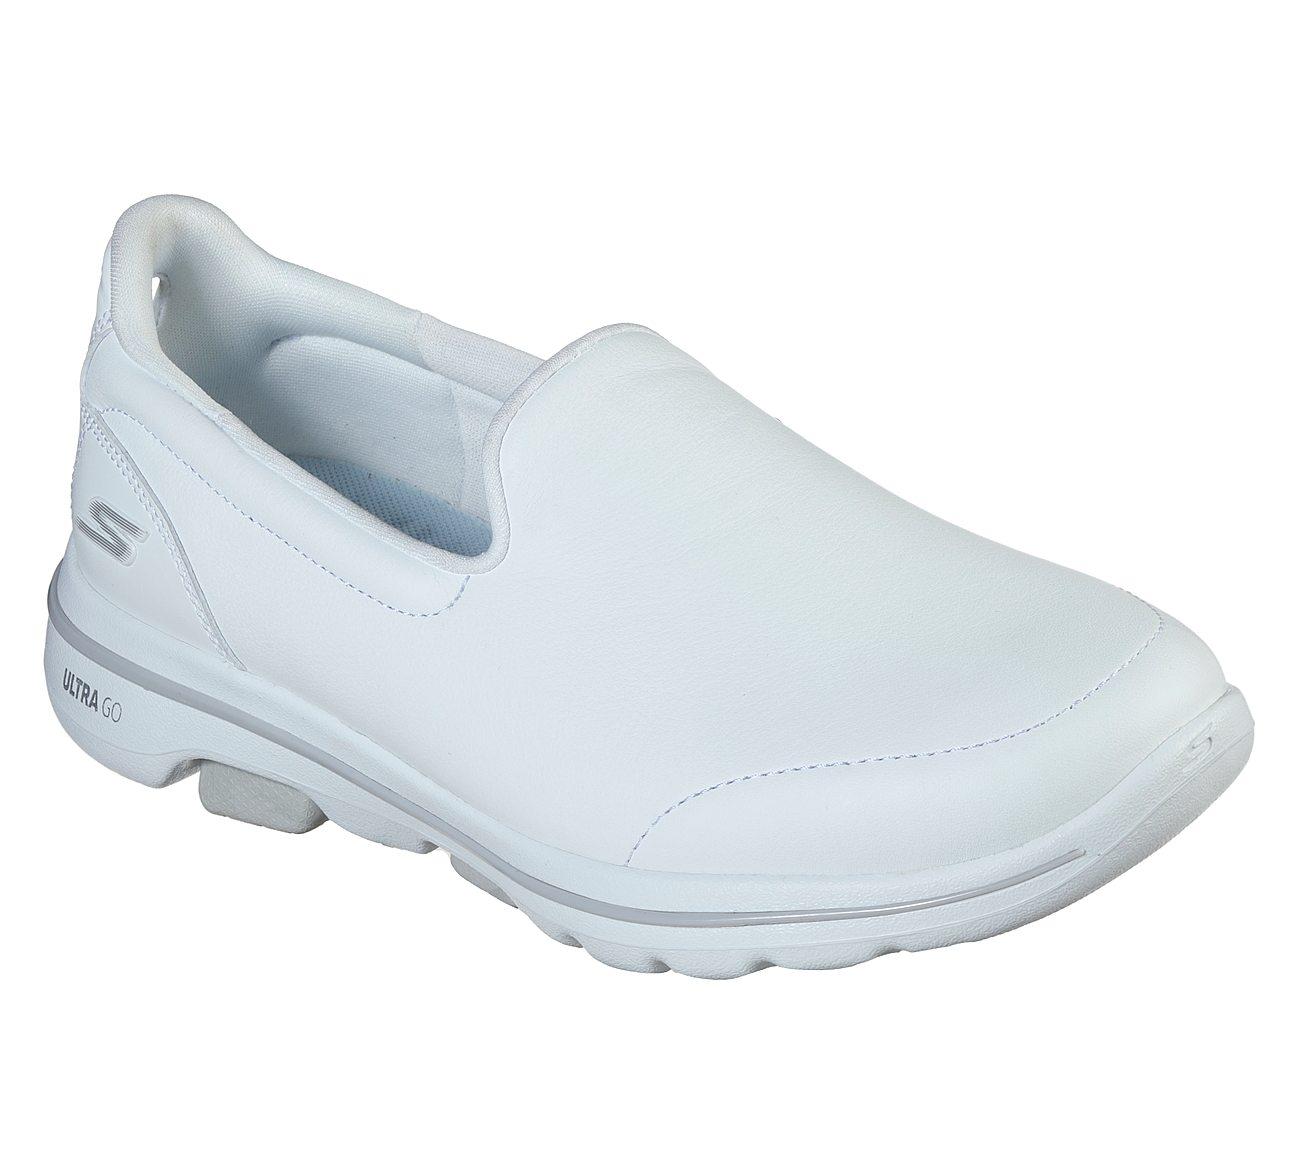 Skechers GOwalk 5 - Polished